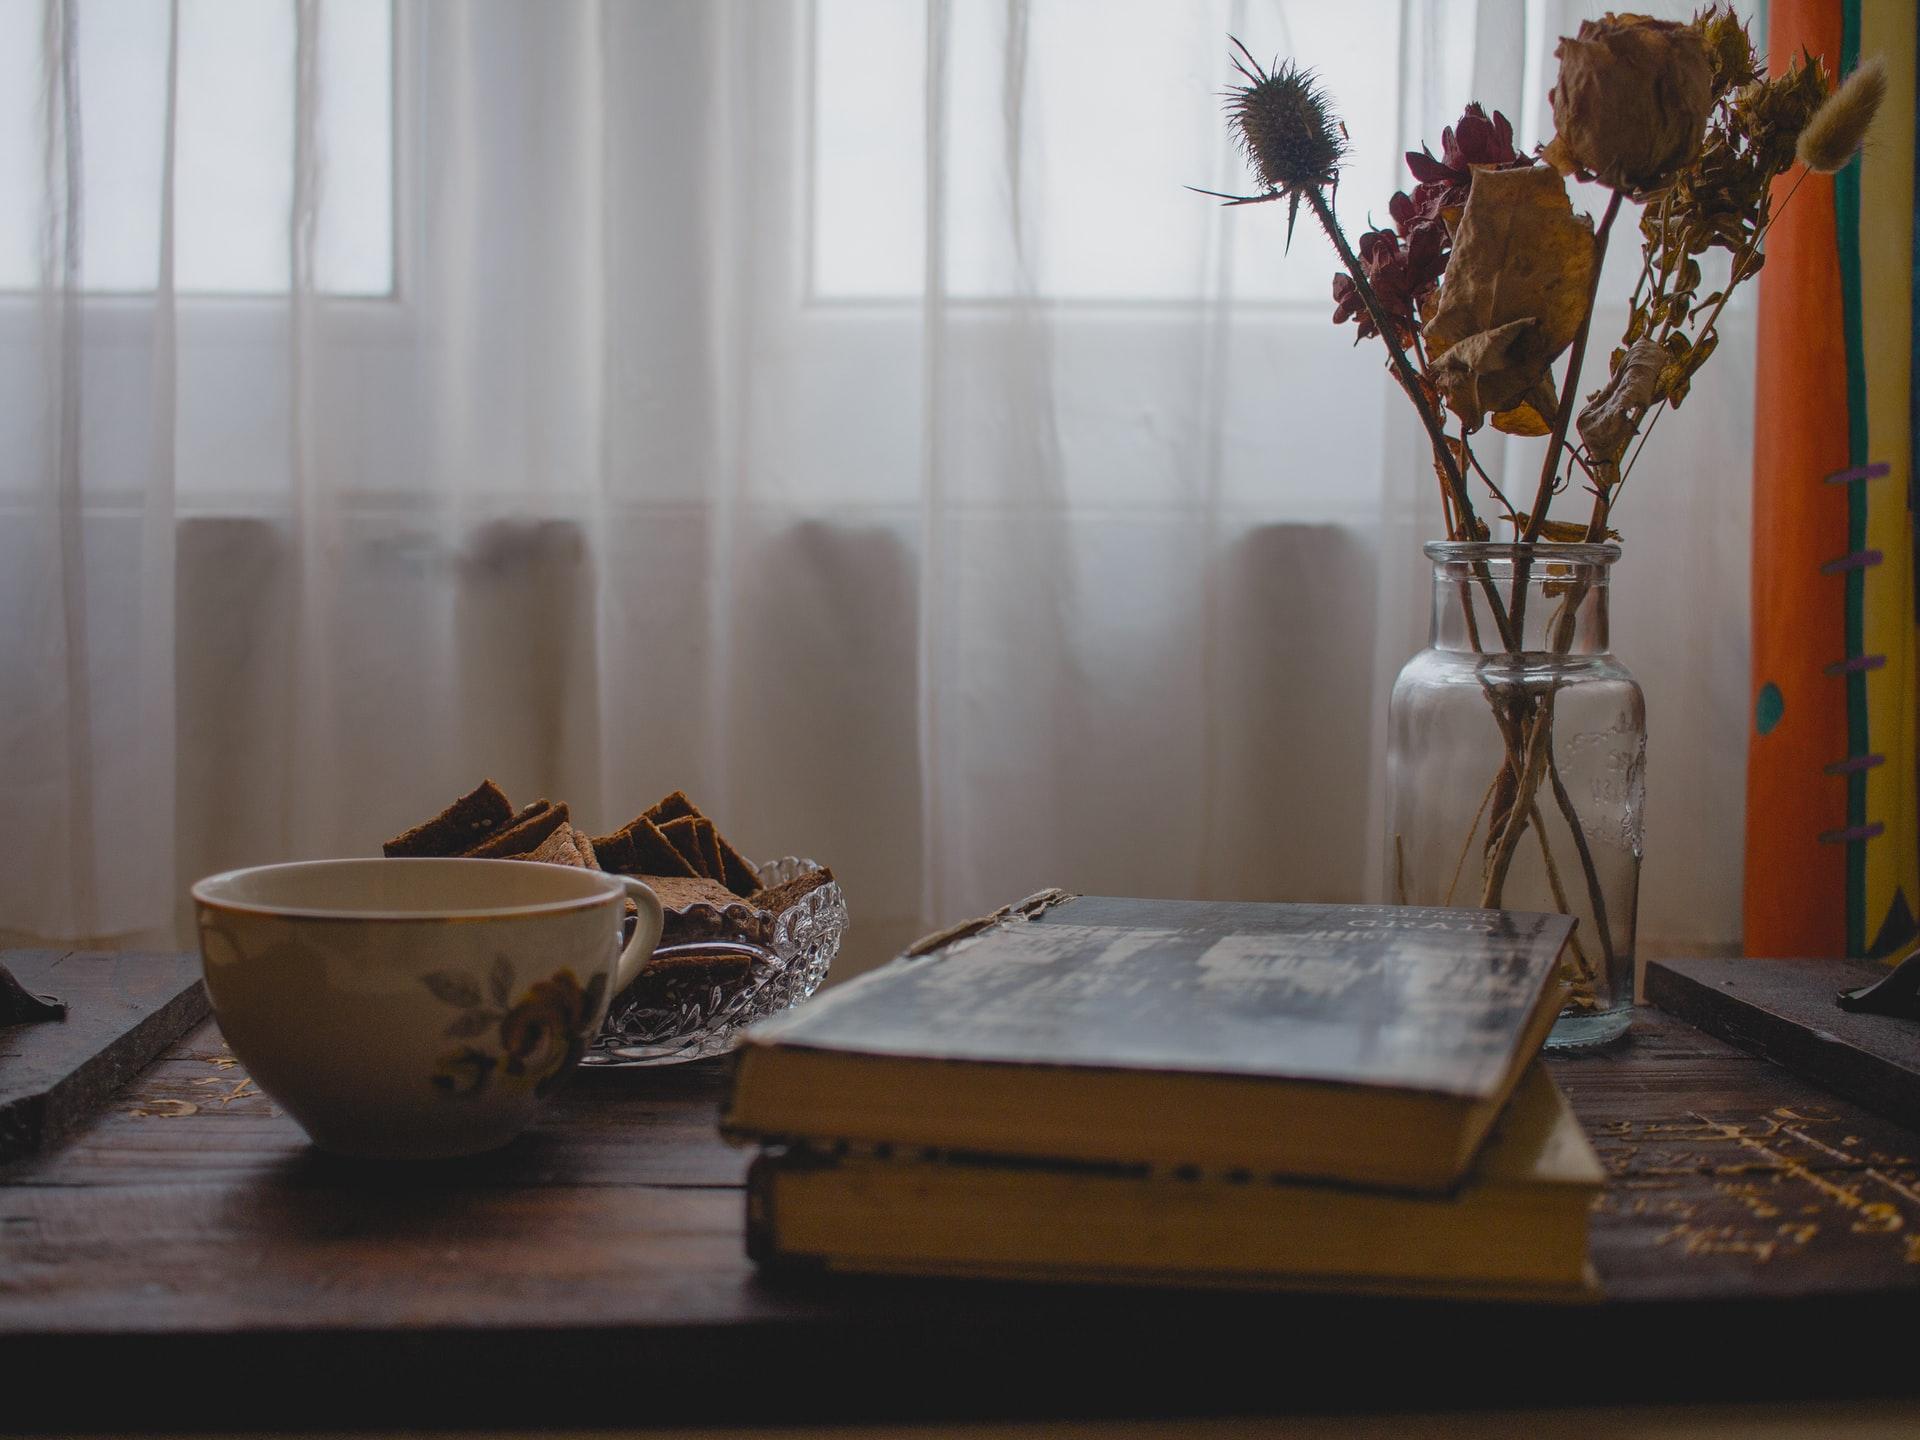 8 Compelling Books Like The Lovely Bones